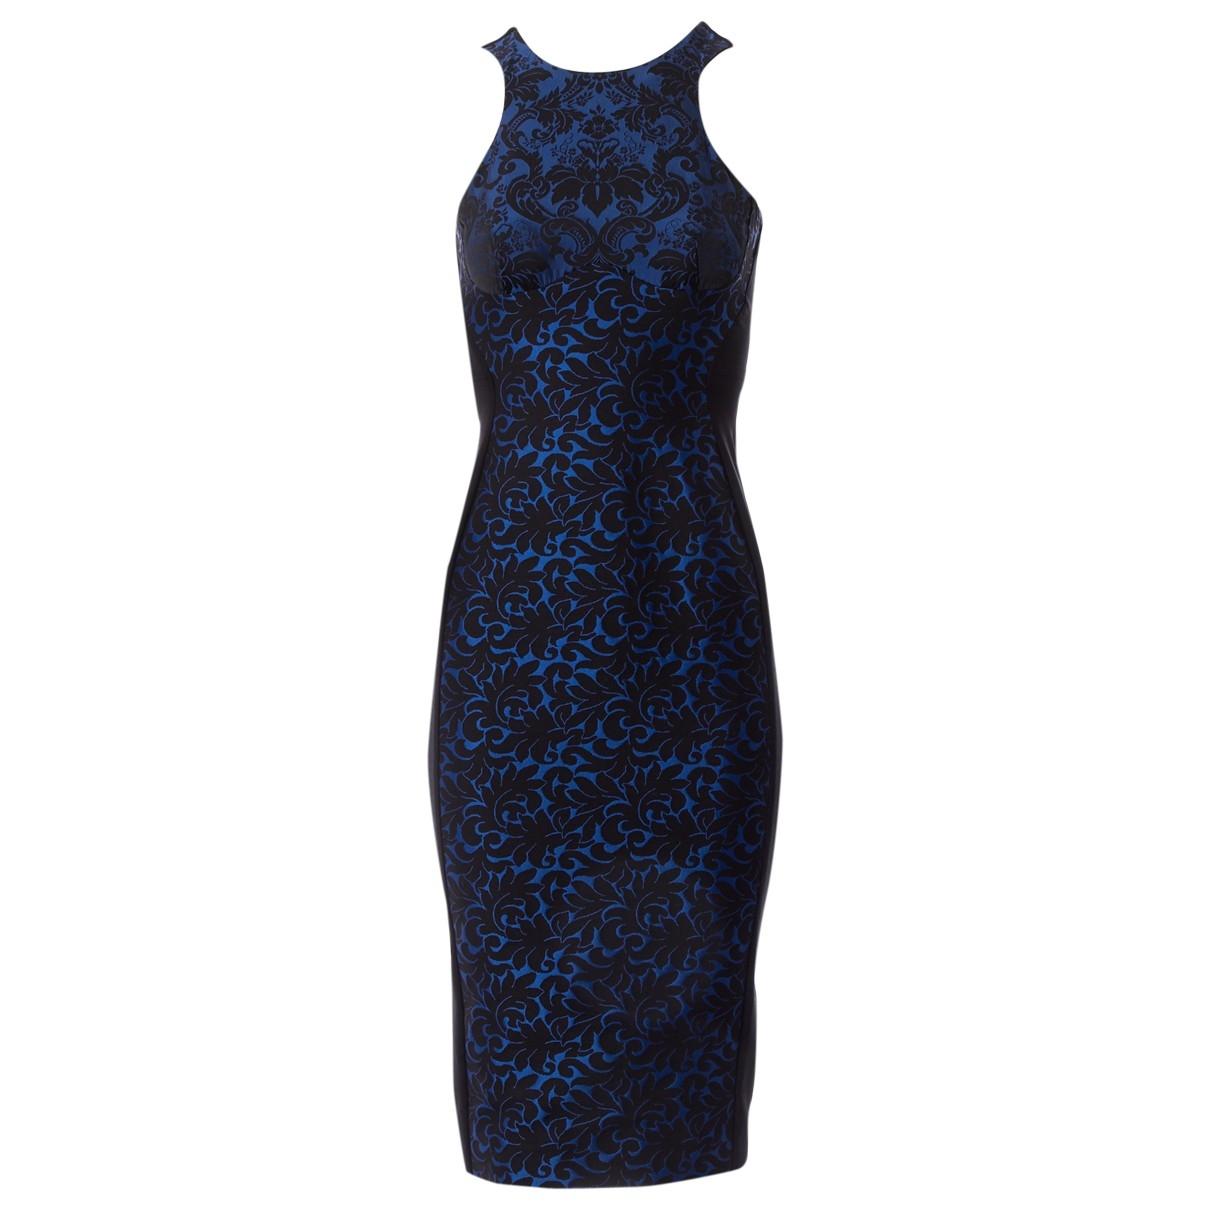 Stella Mccartney \N Black Wool dress for Women 36 IT